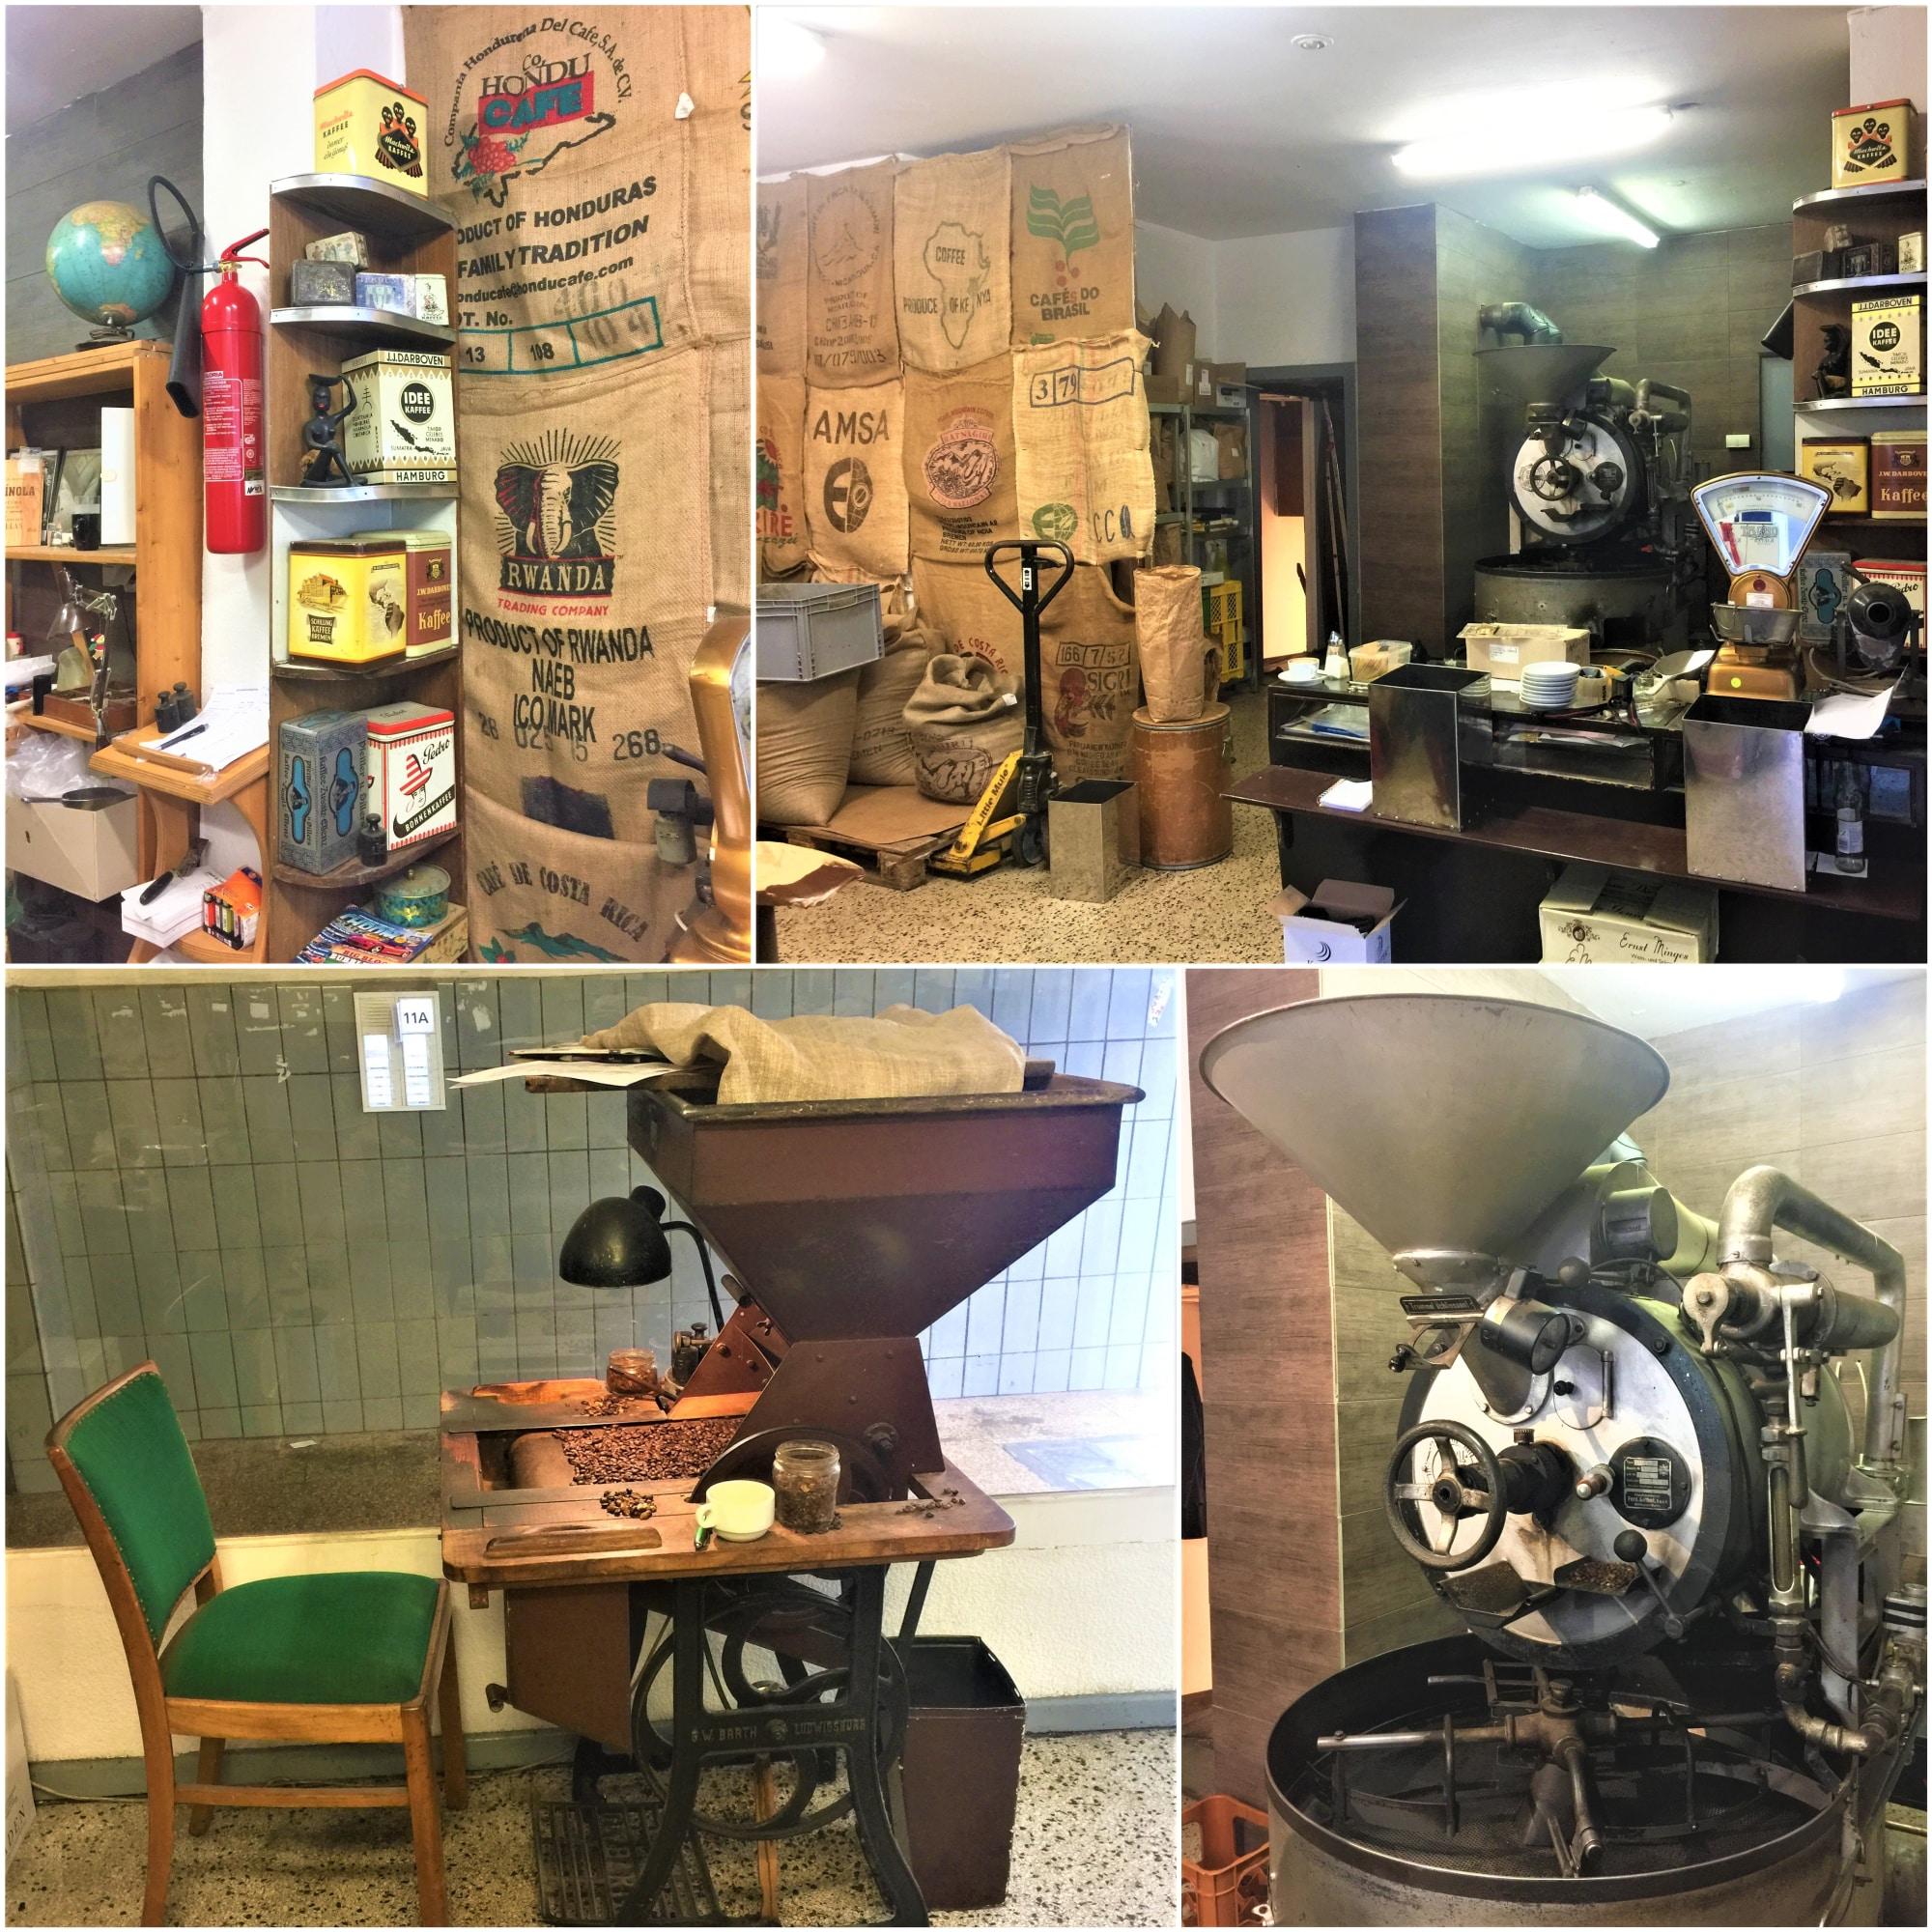 Style Hannover Ulbrichs Kaffeehaus Collage.jpeg - Ulbrichs Kaffeehaus